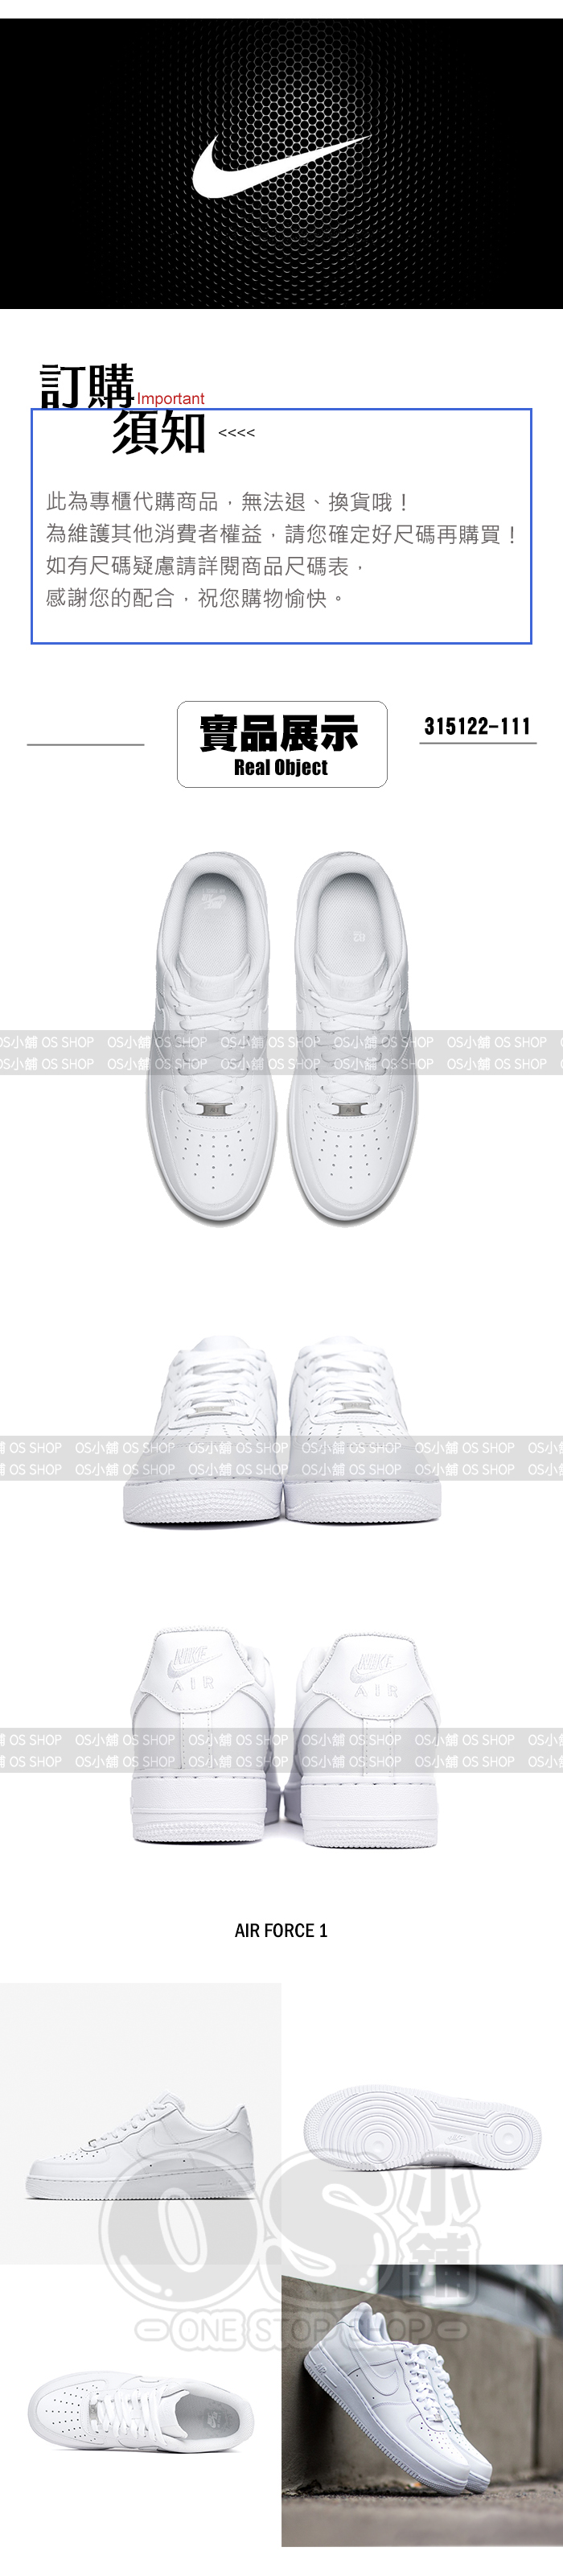 鞋子315122長條+